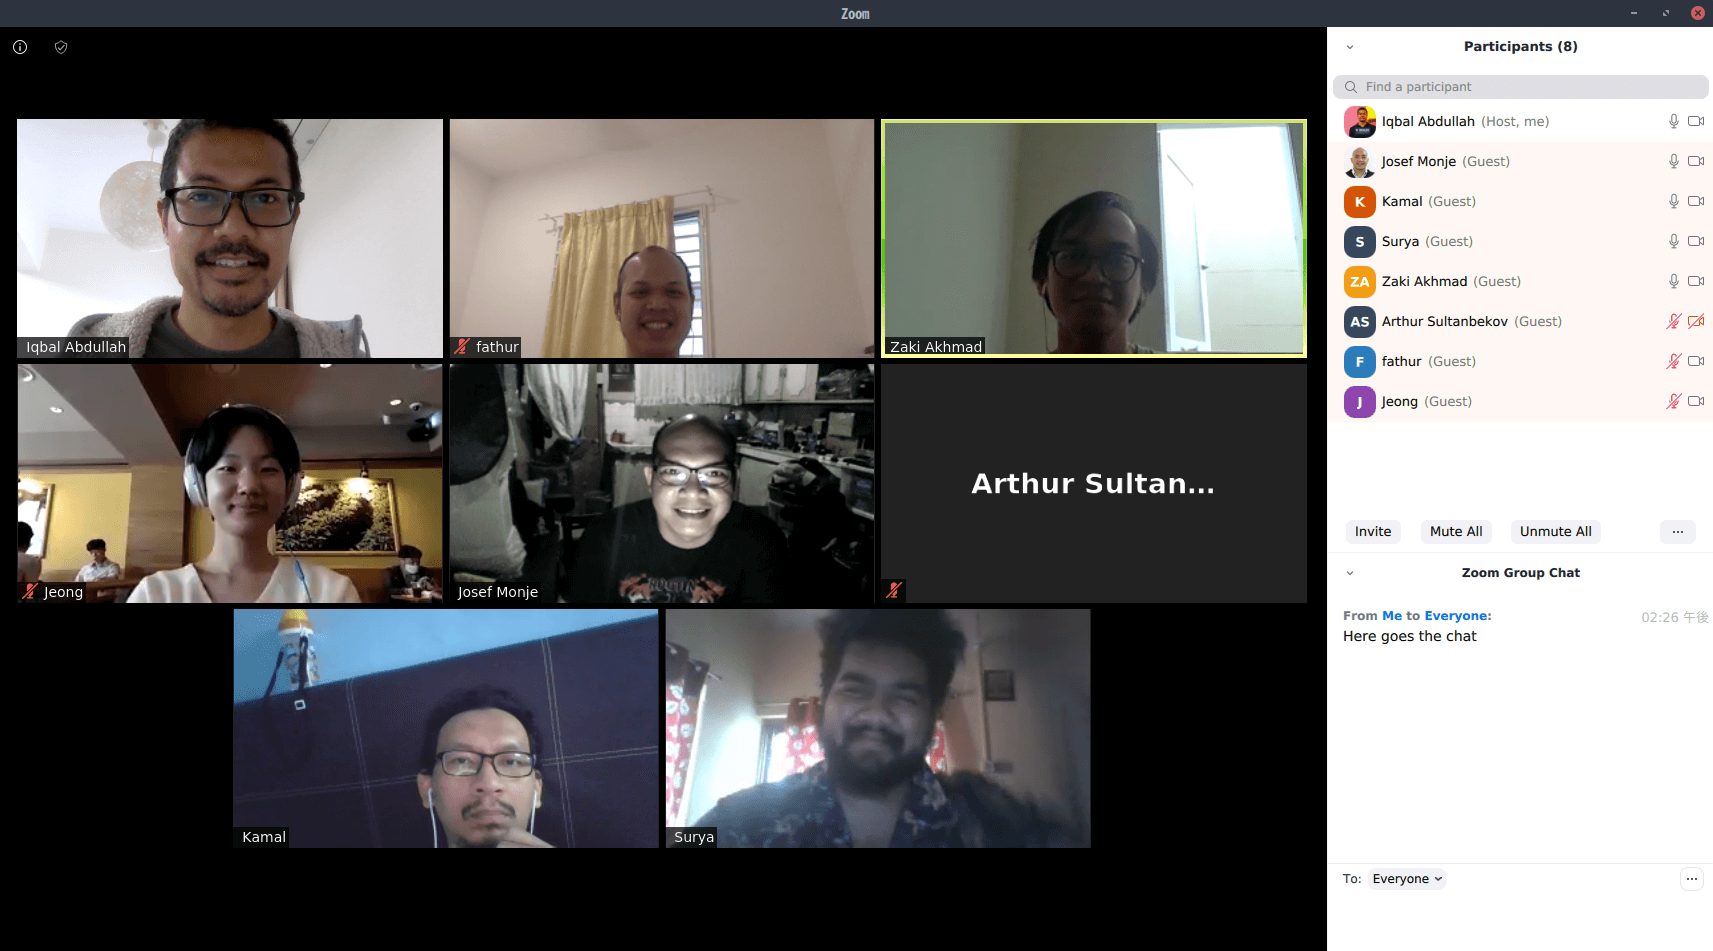 How Zoom meetings look like